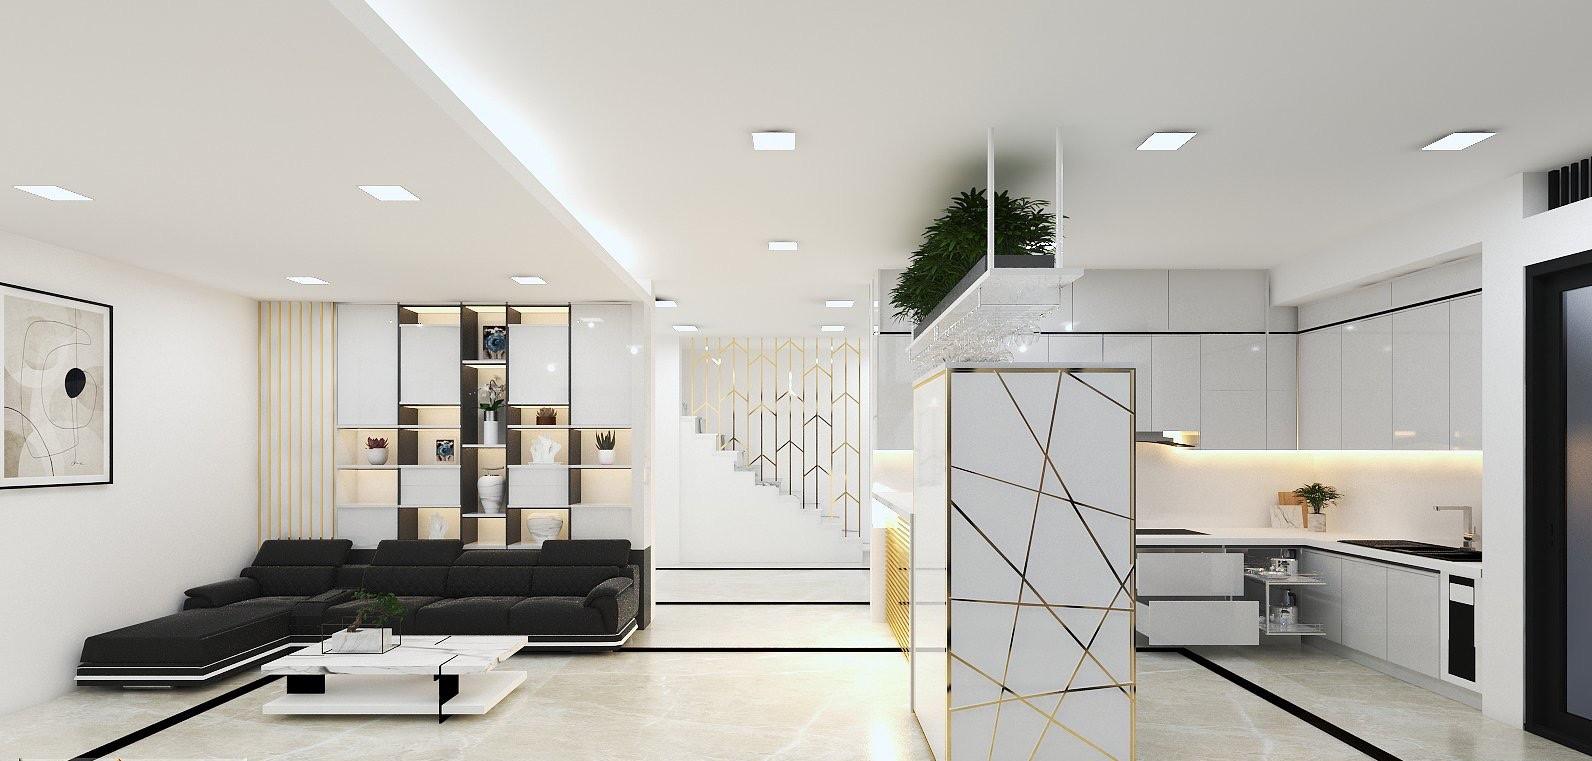 Thiết kế nội thất Biệt Thự tại Khánh Hòa Villa 04 Champa Island Nha Trang 1630291746 3